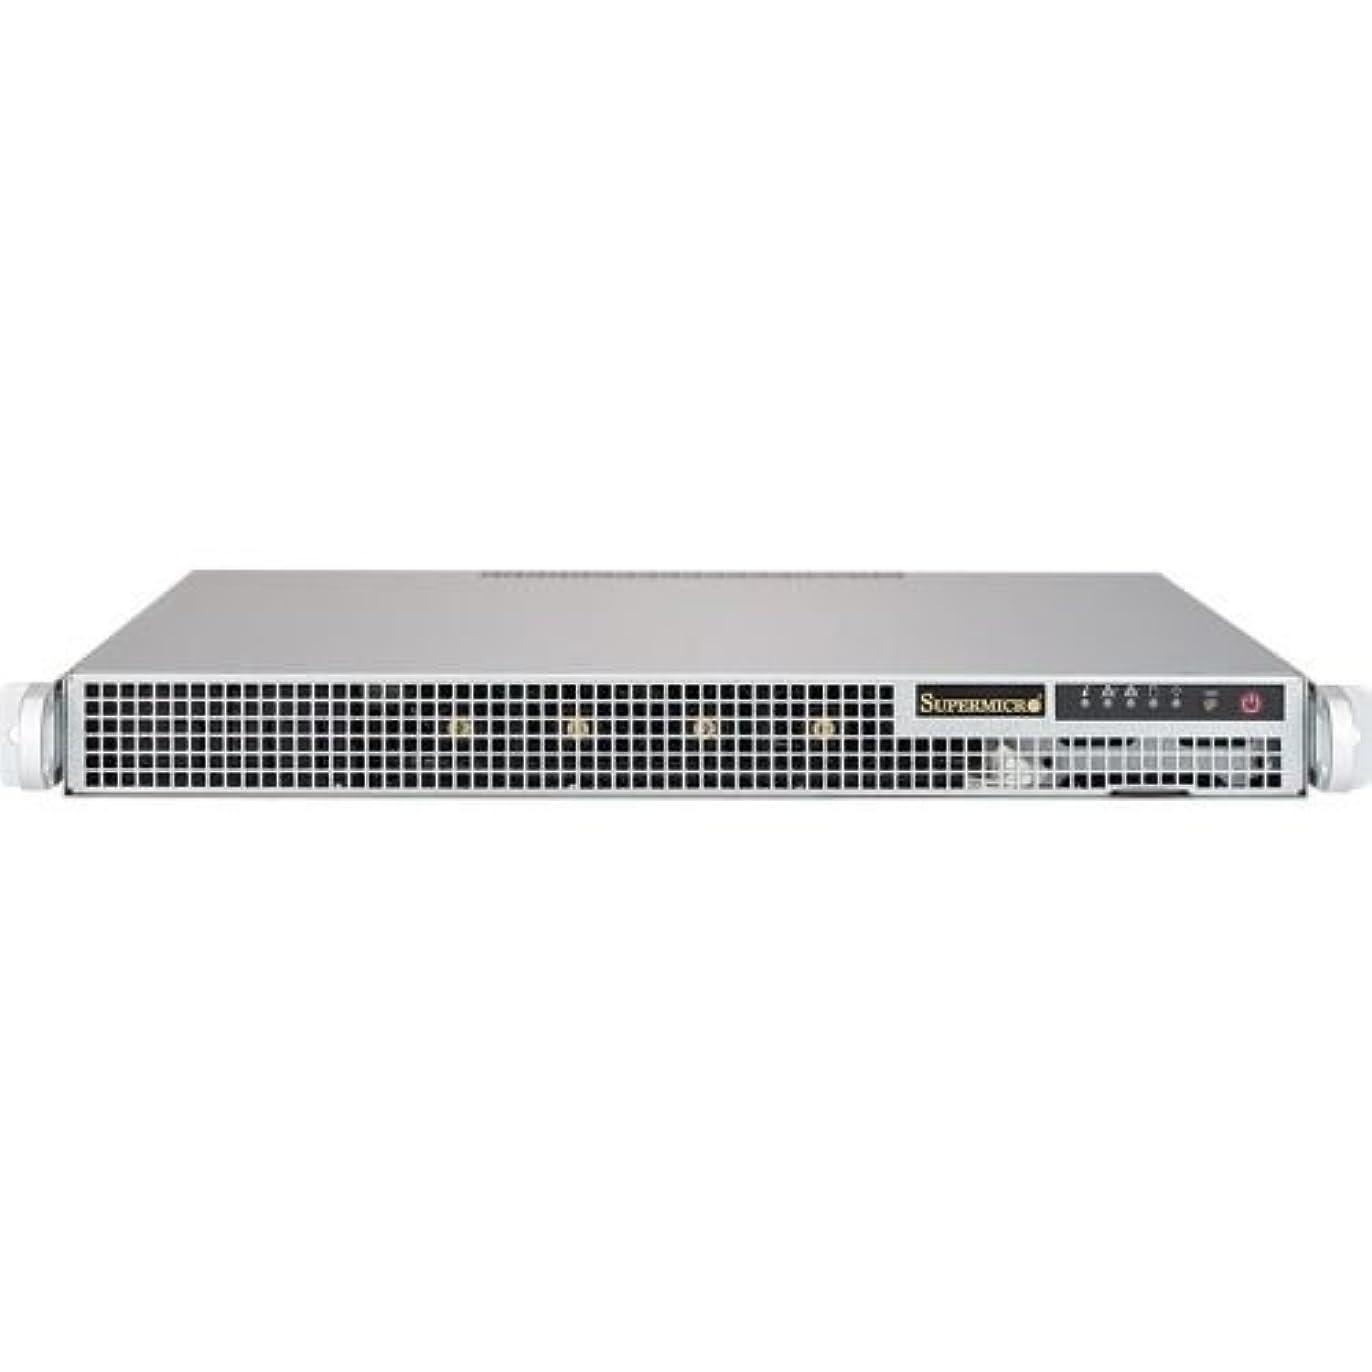 キラウエア山狼読者Supermicro SYS-1019S-WR ubia 1019S-WR - サーバー - ラックマウント式 - 1U - 1ウェイ - RAM 0 MB - HDD - AST2400 - ギエ - OS - モニターなし: なし